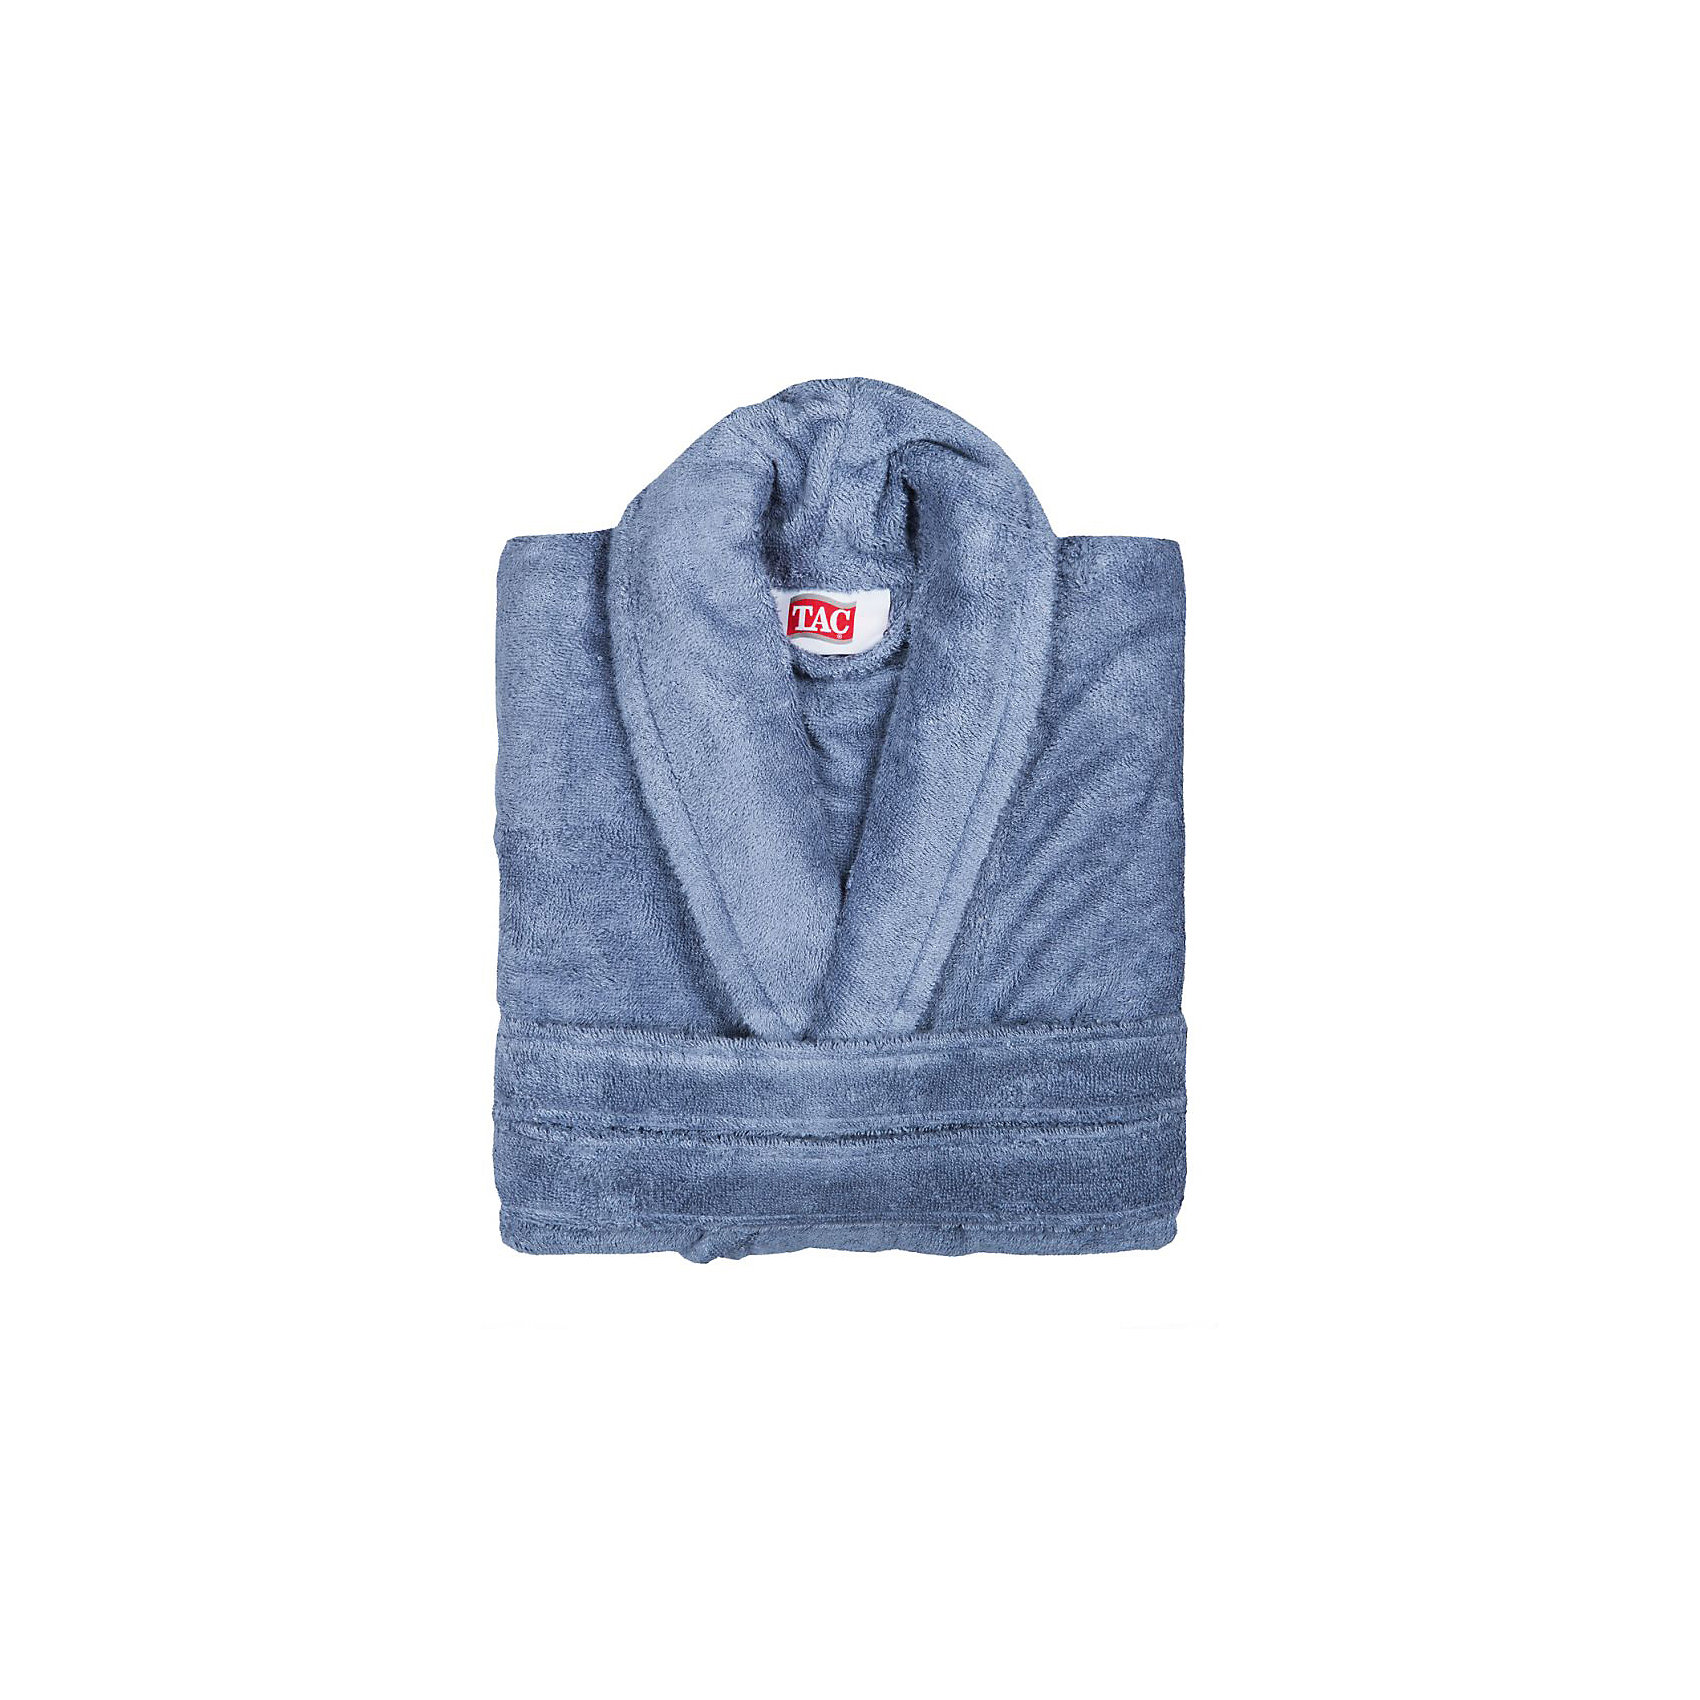 Халат махровый Maison Bambu, L/XL, TAC, синий (k.mavi)Характеристики:<br><br>• Вид домашнего текстиля: махровый халат<br>• Размер международный/российский: L/XL<br>• Пол: унисекс<br>• Рисунок: без рисунка<br>• Материал: хлопок, 50% хлопок; бамбук, 50%<br>• Цвет: синий<br>• Плотность полотна: 320 гр/м2 <br>• Силуэт: прямой<br>• Рукав: длинный<br>• Воротник: отложной<br>• Застежка: пояс<br>• Вес в упаковке: 1 кг 130 г<br>• Размеры упаковки (Д*Ш*В): 40*10*32 см<br>• Особенности ухода: машинная стирка <br><br>Халат махровый Maison Bambu, L/XL, TAC, синий (k.mavi) от наиболее популярного бренда на отечественном рынке среди производителей комплектов постельного белья и текстильных принадлежностей, выпуском которого занимается производственная компания, являющаяся частью мирового холдинга Zorlu Holding Textiles Group. Халат выполнен из сочетания натурального хлопка и бамбукового волокна, что обеспечивает гипоаллергенность, высокую износоустойчивость, повышенные гигкоскопические и антибактериальные свойства изделия. <br><br>Благодаря высокой степени плотности махры, халат отлично впитывает влагу, но при этом остается мягким. Ворс окрашен стойкими нетоксичными красителями, который не оставляет запаха и обеспечивает ровный окрас. Изделие сохраняет свой цвет и форму даже при частых стирках. Халат прямого кроя с длинными рукавами и отложным воротником идеально подходит для посещения бани или сауны, а в прохладные вечера обеспечит комфорт и уют своему владельцу. Выполнен в синем цвете без рисунка.<br><br>Халат махровый Maison Bambu, L/XL, TAC, синий (k.mavi) можно купить в нашем интернет-магазине.<br><br>Ширина мм: 290<br>Глубина мм: 90<br>Высота мм: 400<br>Вес г: 1400<br>Возраст от месяцев: 216<br>Возраст до месяцев: 1188<br>Пол: Унисекс<br>Возраст: Детский<br>SKU: 5476361